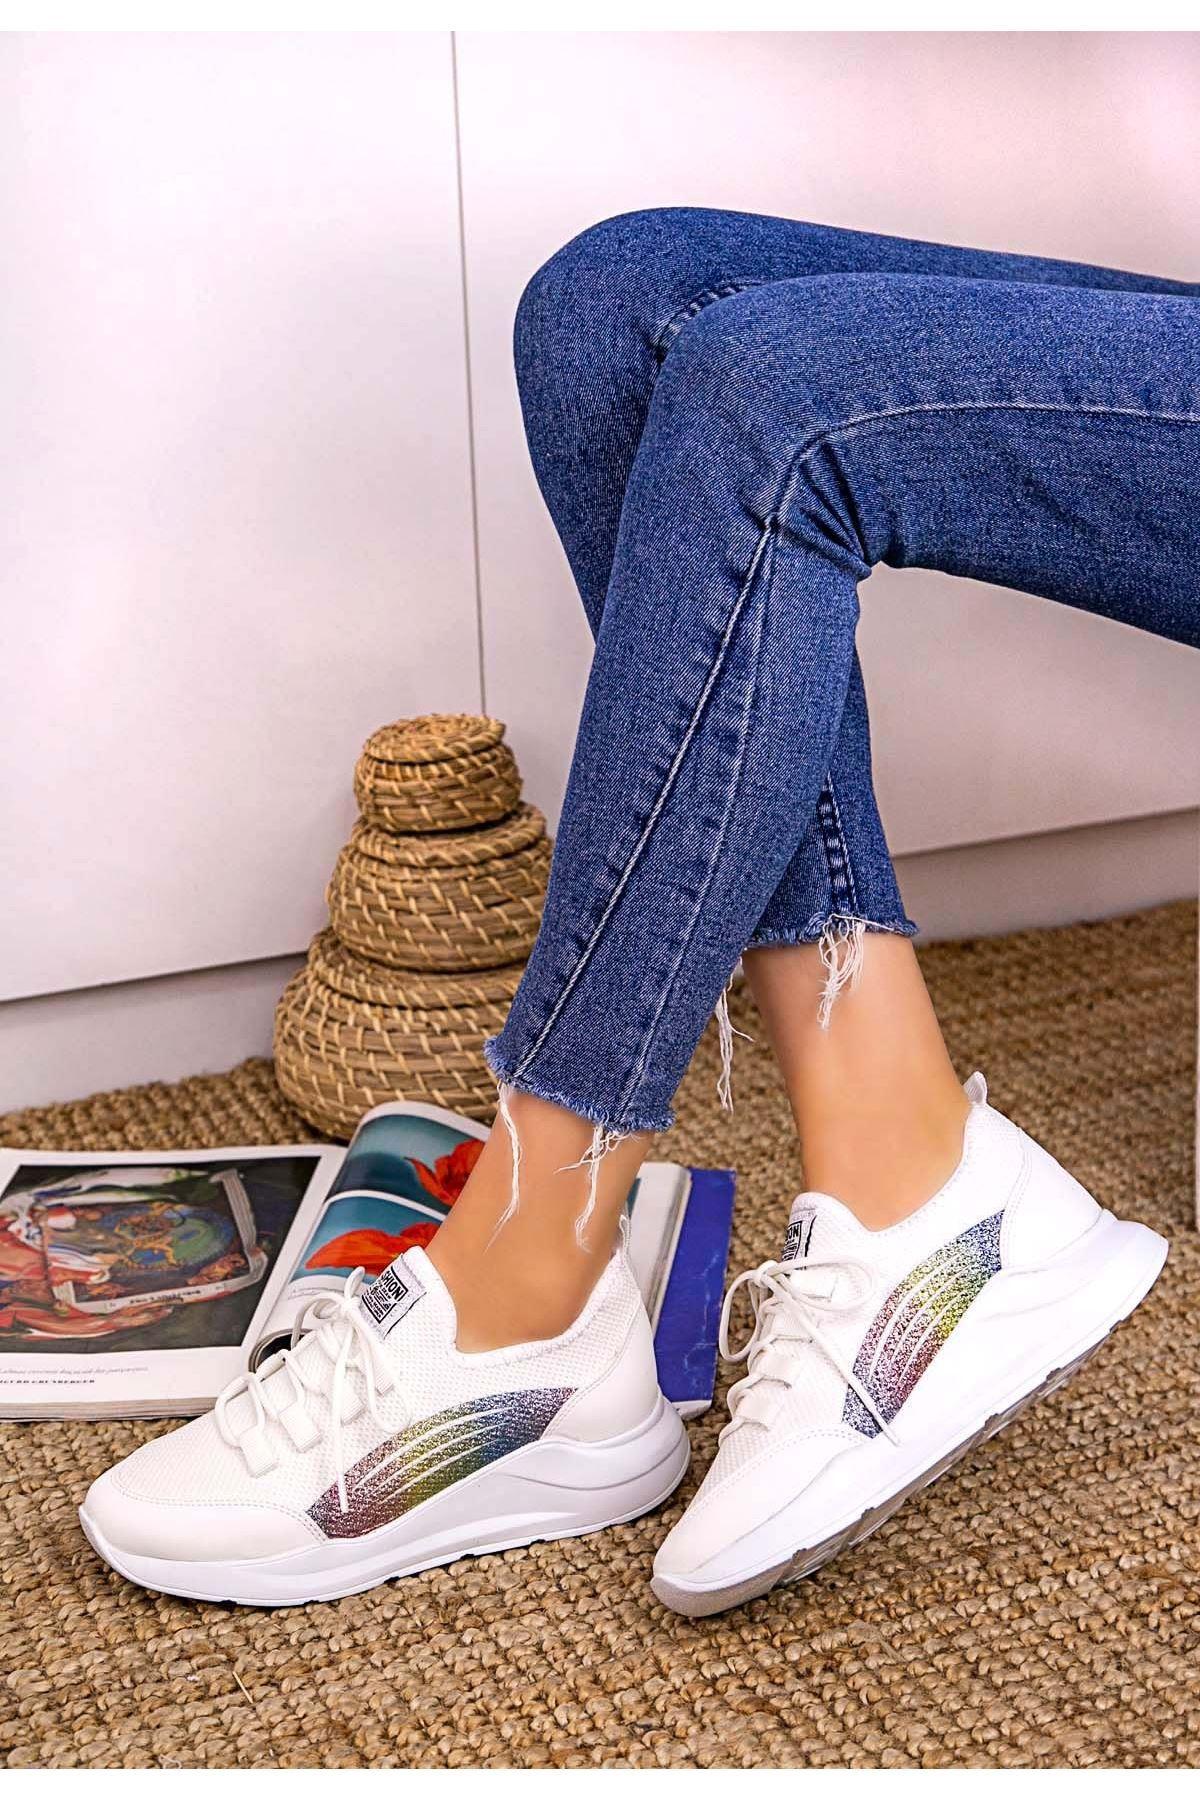 Crid Beyaz Cilt Bağcıklı Spor Ayakkabı